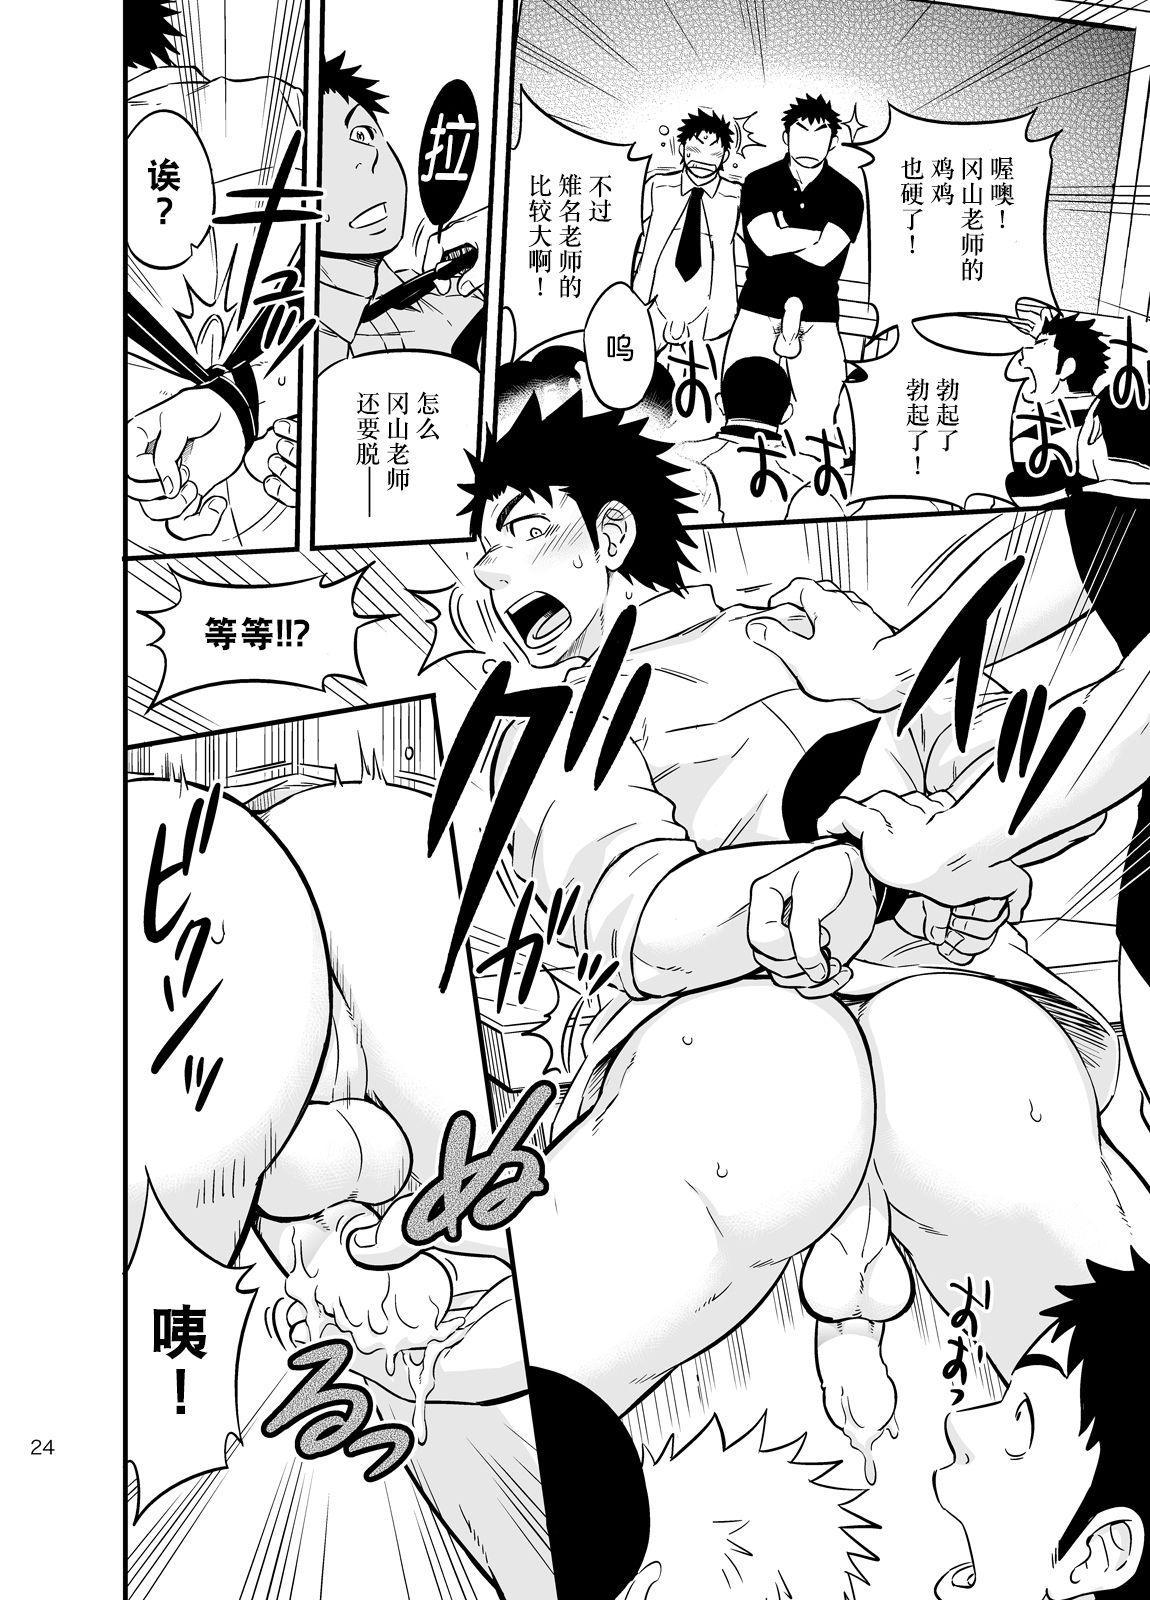 Moshimo Danshikou no Hoken Taiiku ga Jitsugi Ari Dattara 2 | 如果男校的保健体育课有实践环节的话 2 22